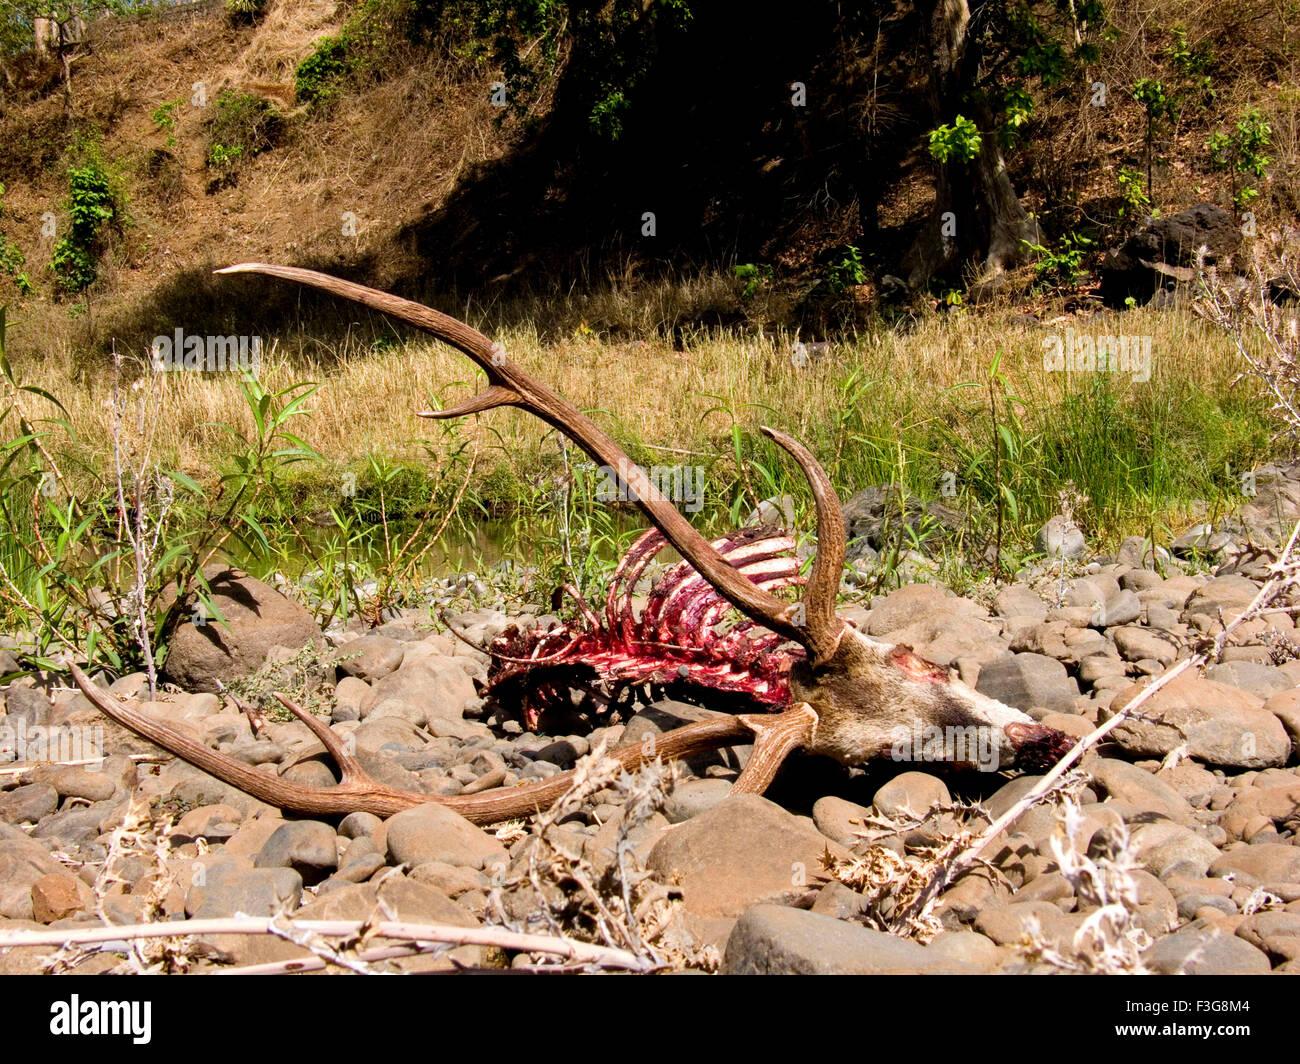 Gefleckte lieber von der Gruppe von wilden Hunden im Wald von Kolkas in Melghat Wildschutzgebiet gejagt; Bezirk Stockbild